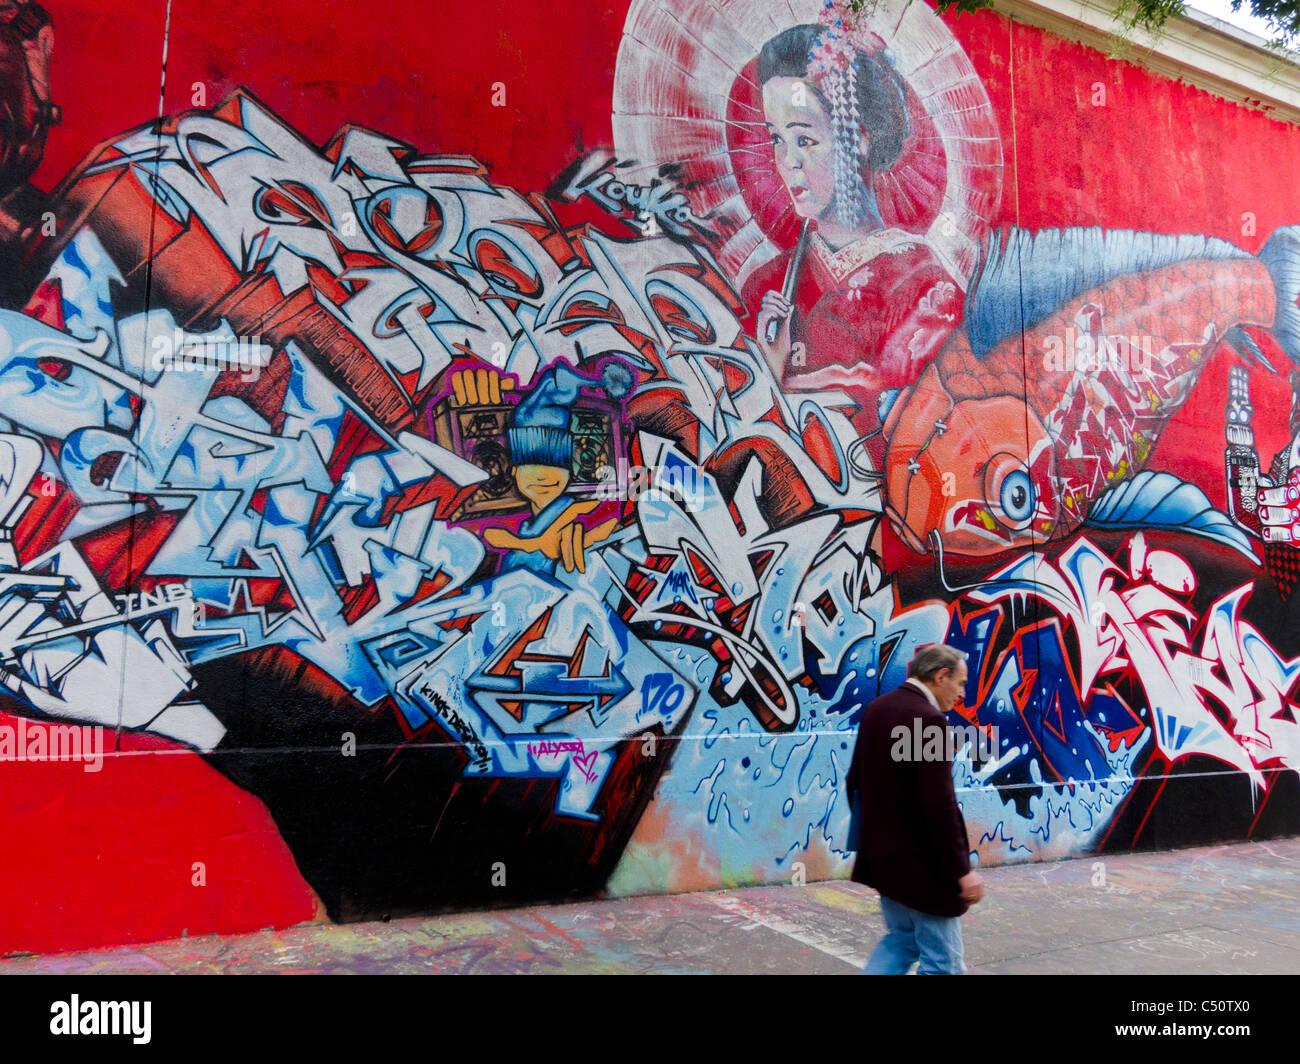 Paris, Frankreich, Graffiti-Kunst, Öffentlichkeit, Malerei Wand, japanische Thema Straßenszene Stockbild